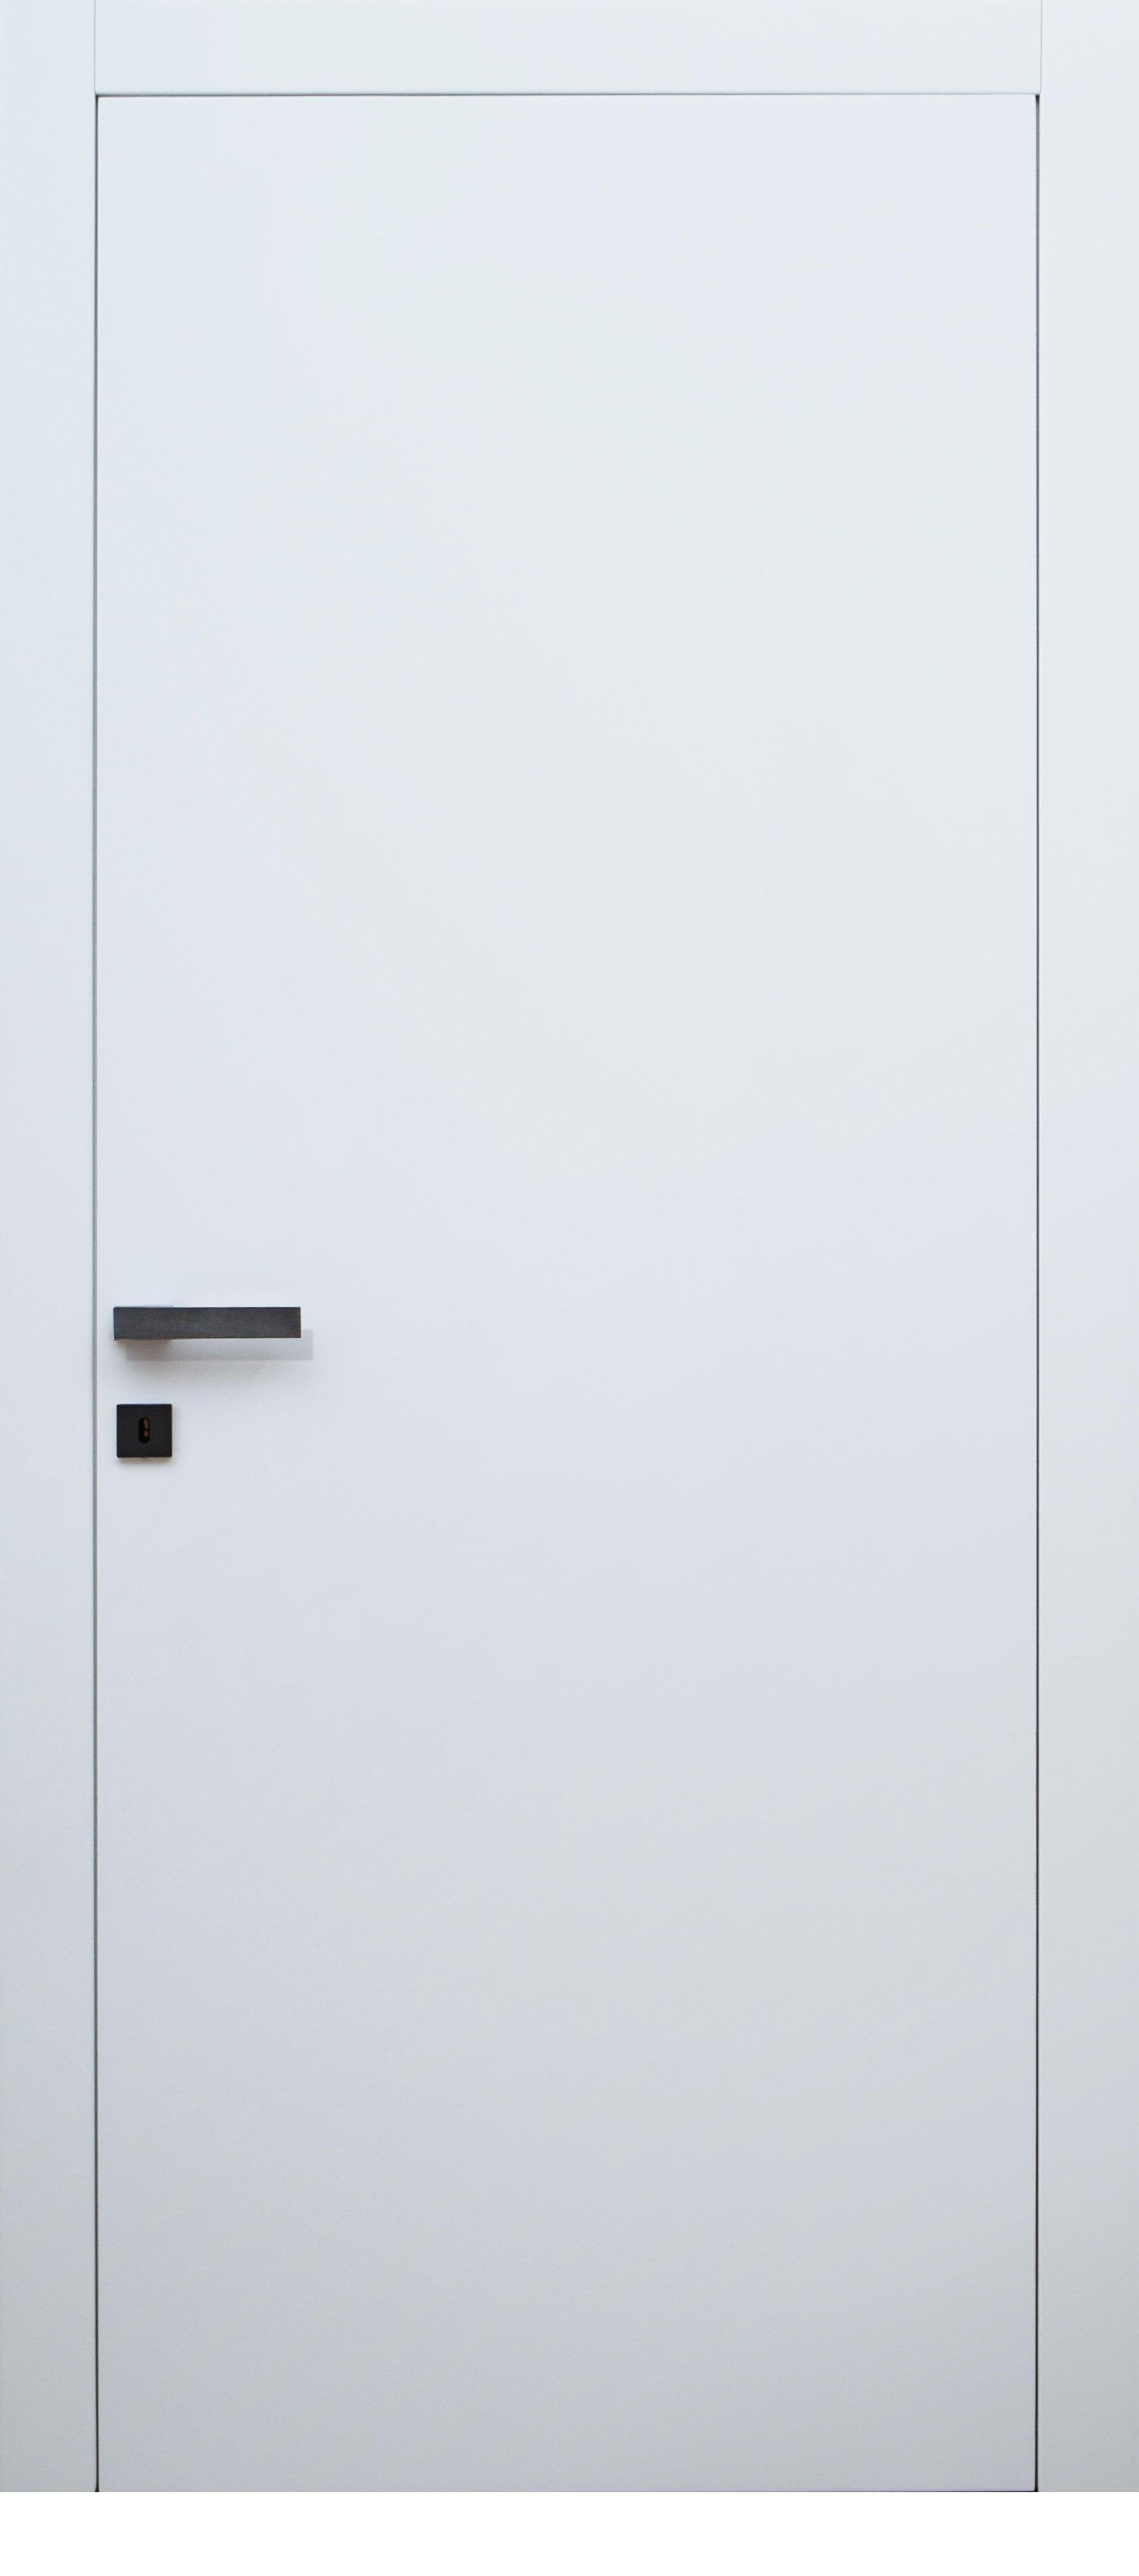 porta bianca con maniglia d'acciaio